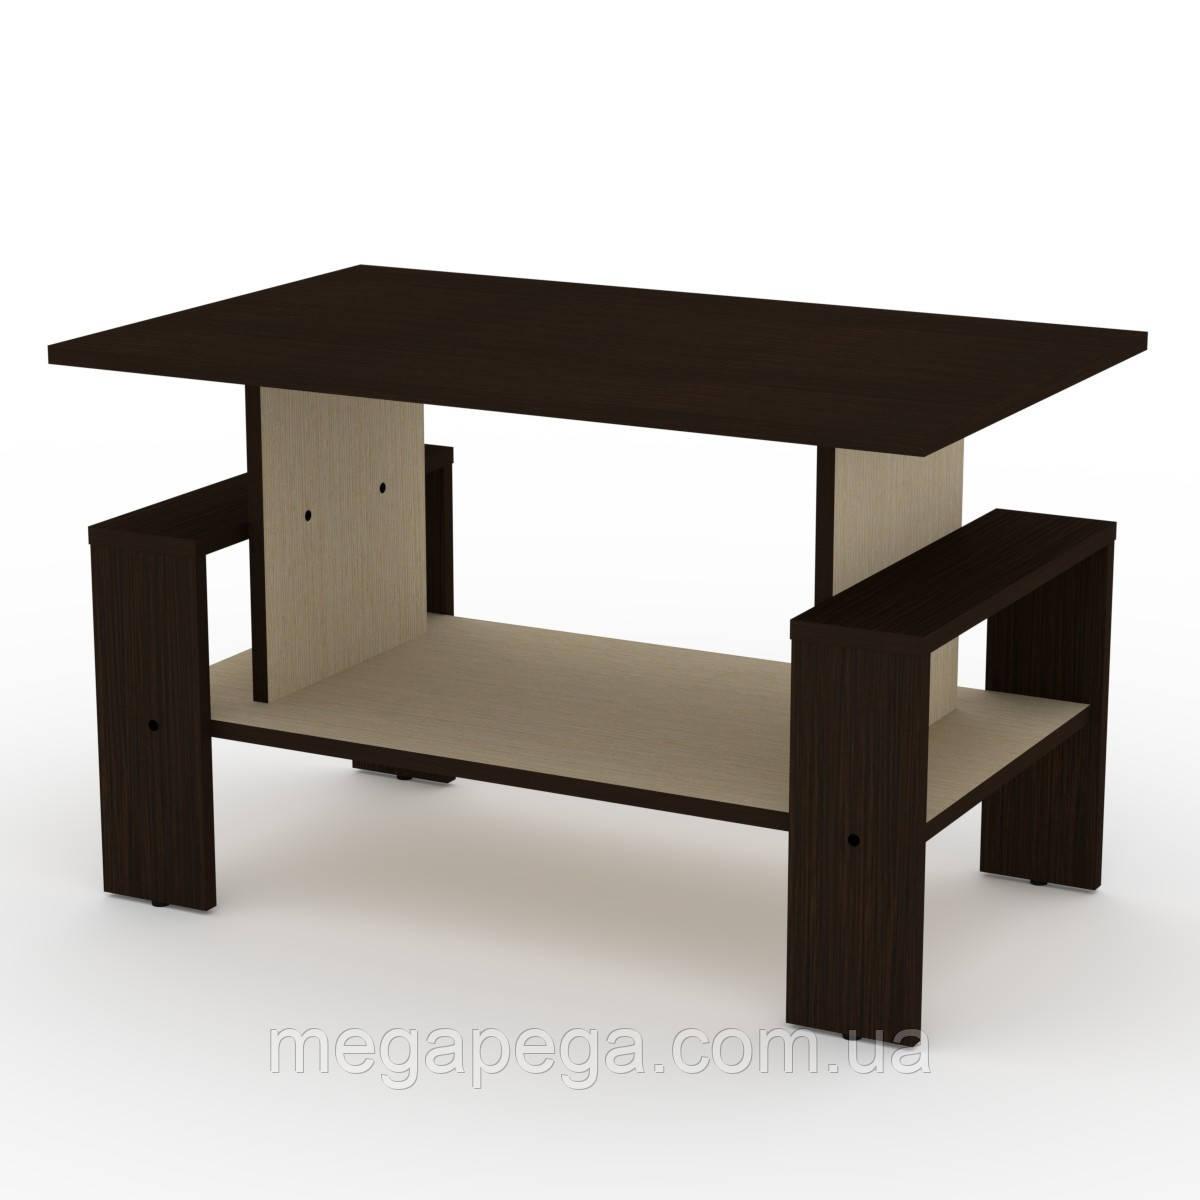 Журнальный стол Венера (столешница торцована кромкой АБС-2 мм)